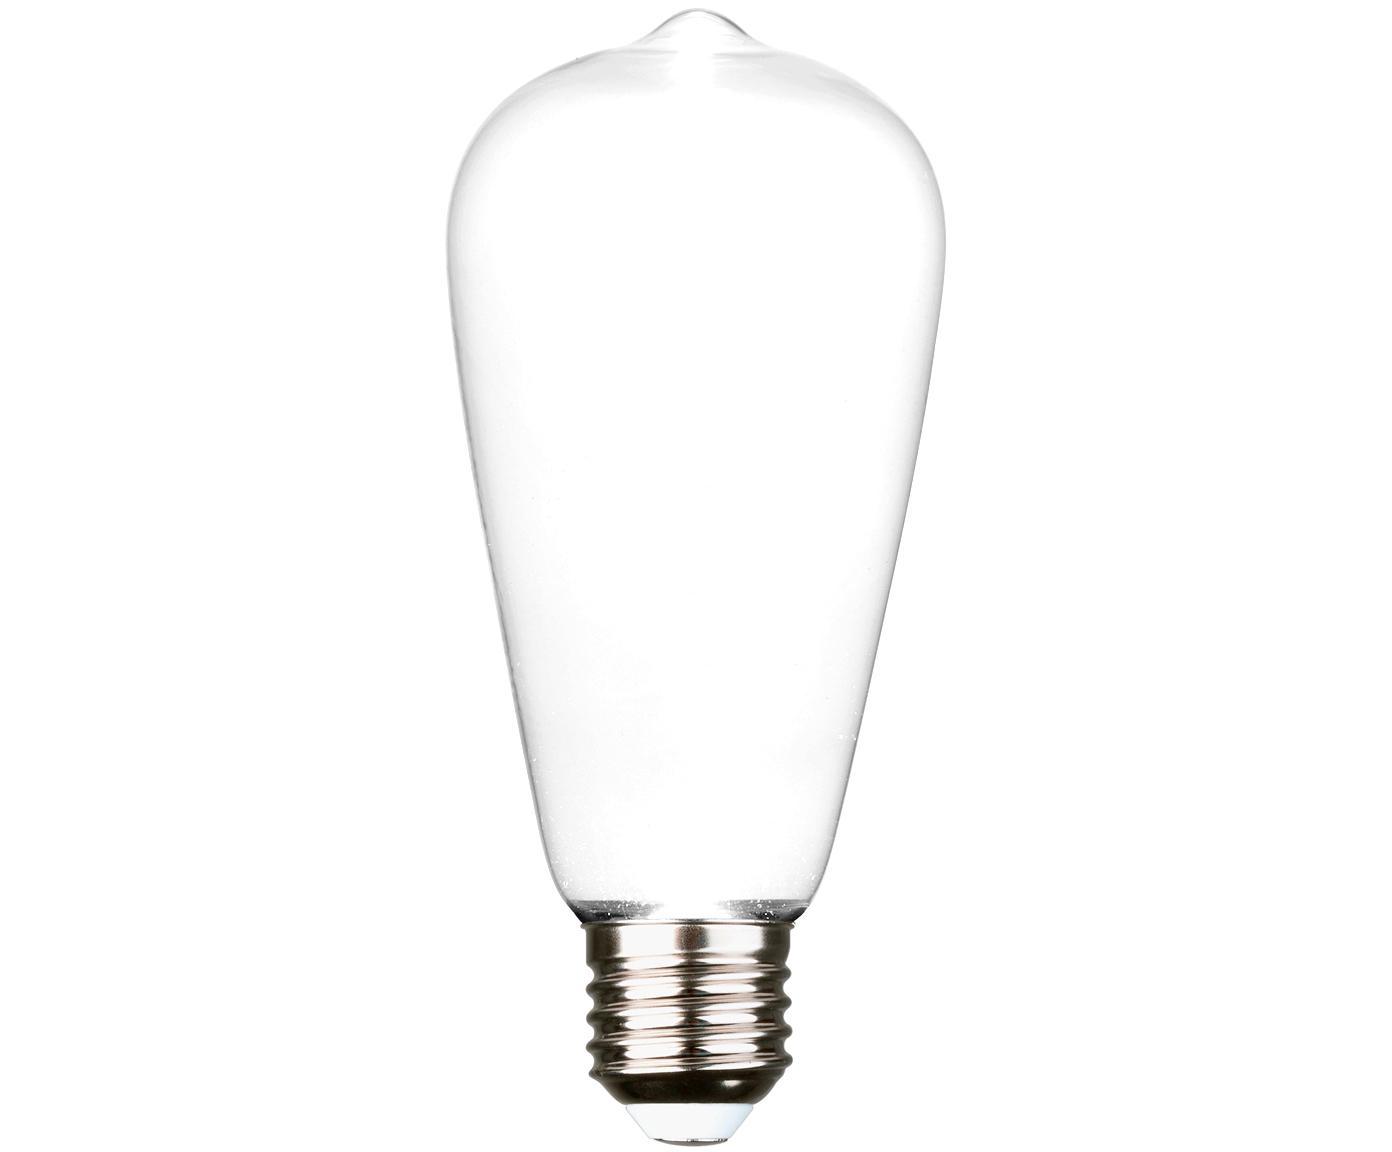 LED Leuchtmittel Ghost (E27/2.5W), Leuchtmittelschirm: Glas, Leuchtmittelfassung: Aluminium, Weiss, Aluminium, Ø 6 x H 15 cm